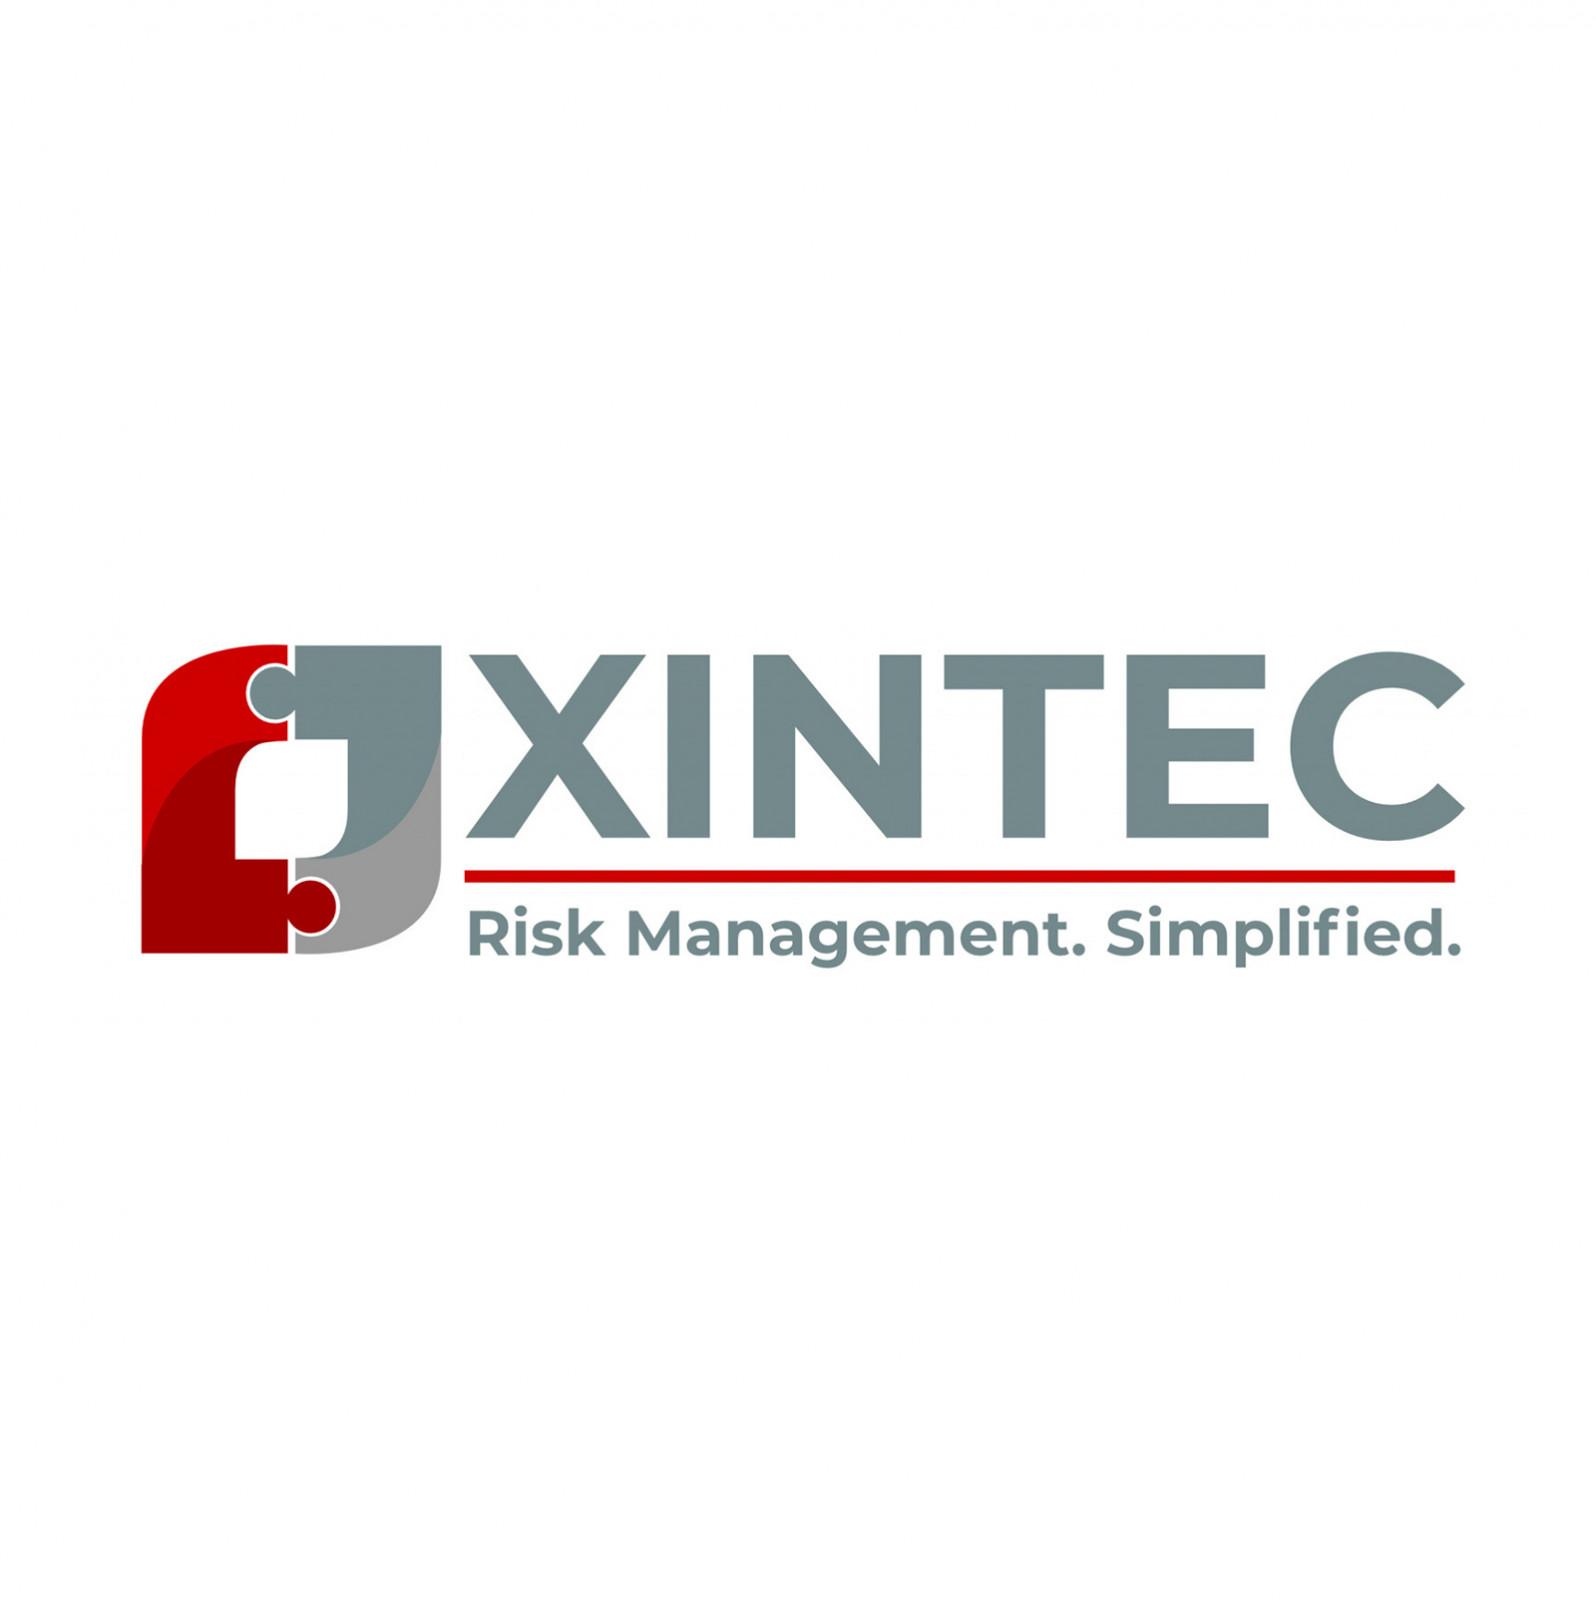 xintec logo 290719 002 1 1